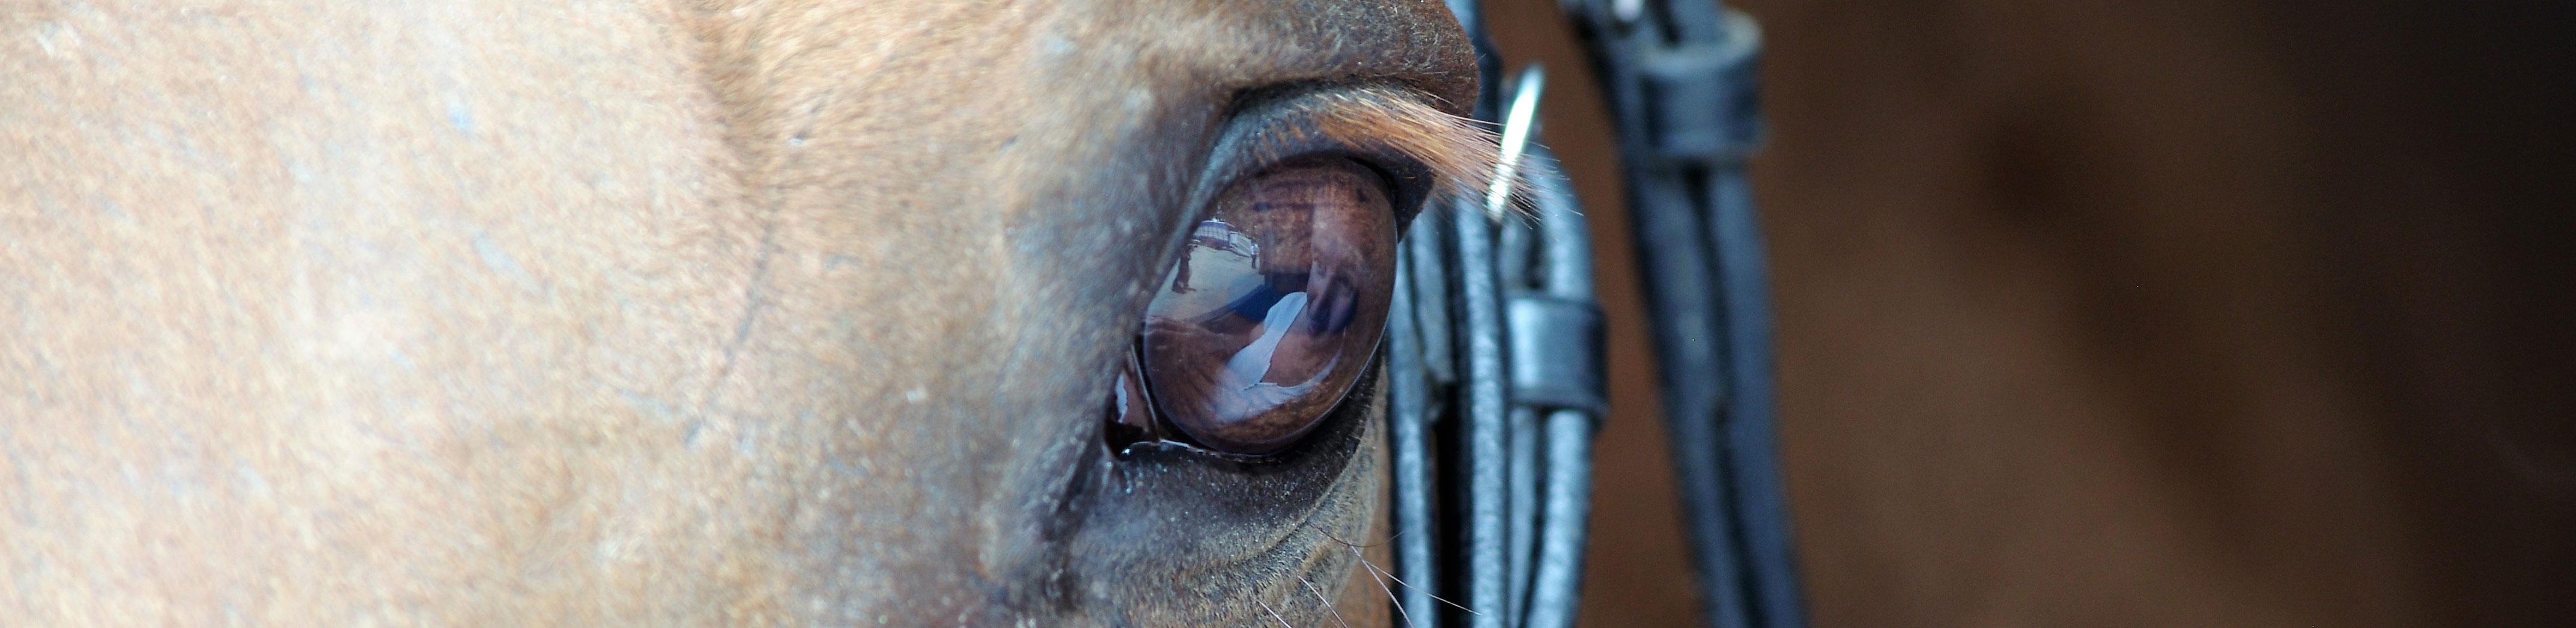 SIRE-Oeil-cheval-M.DHOLLANDE-(2)